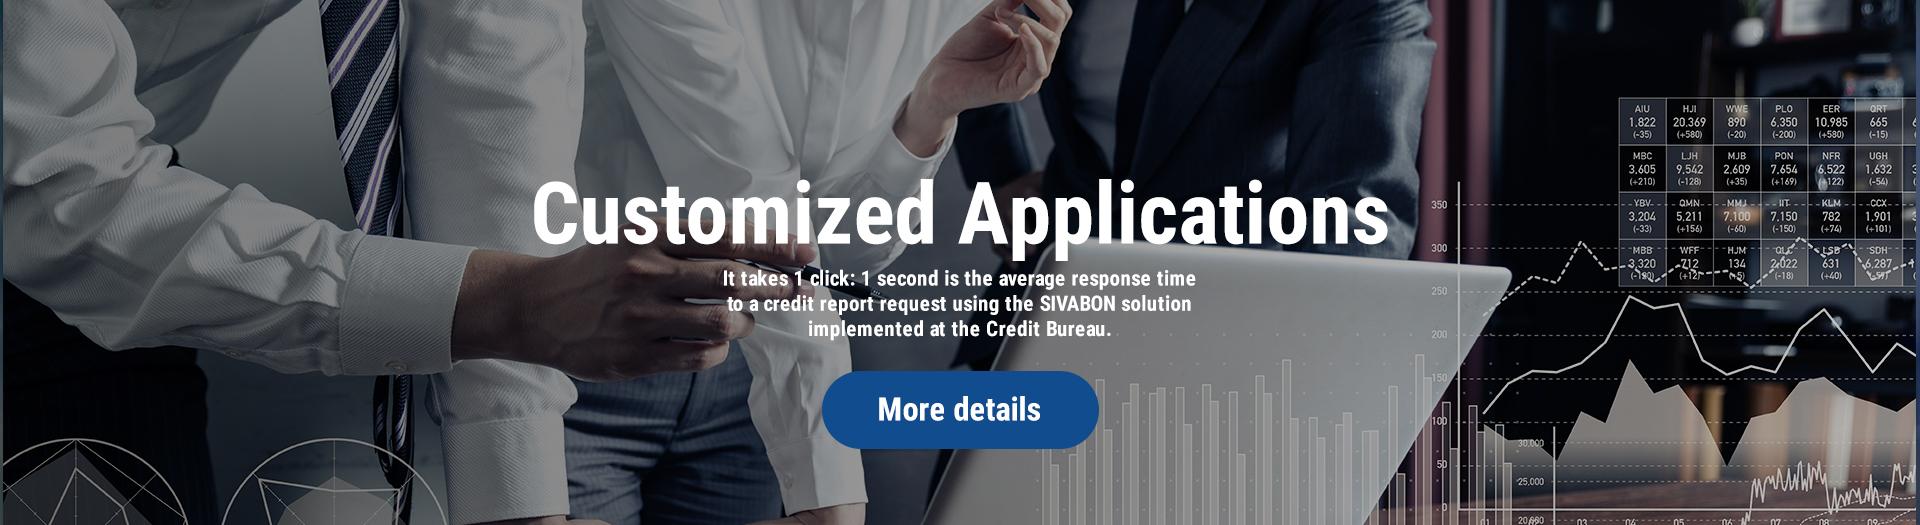 https://www.simavi.ro/en/customized-applications